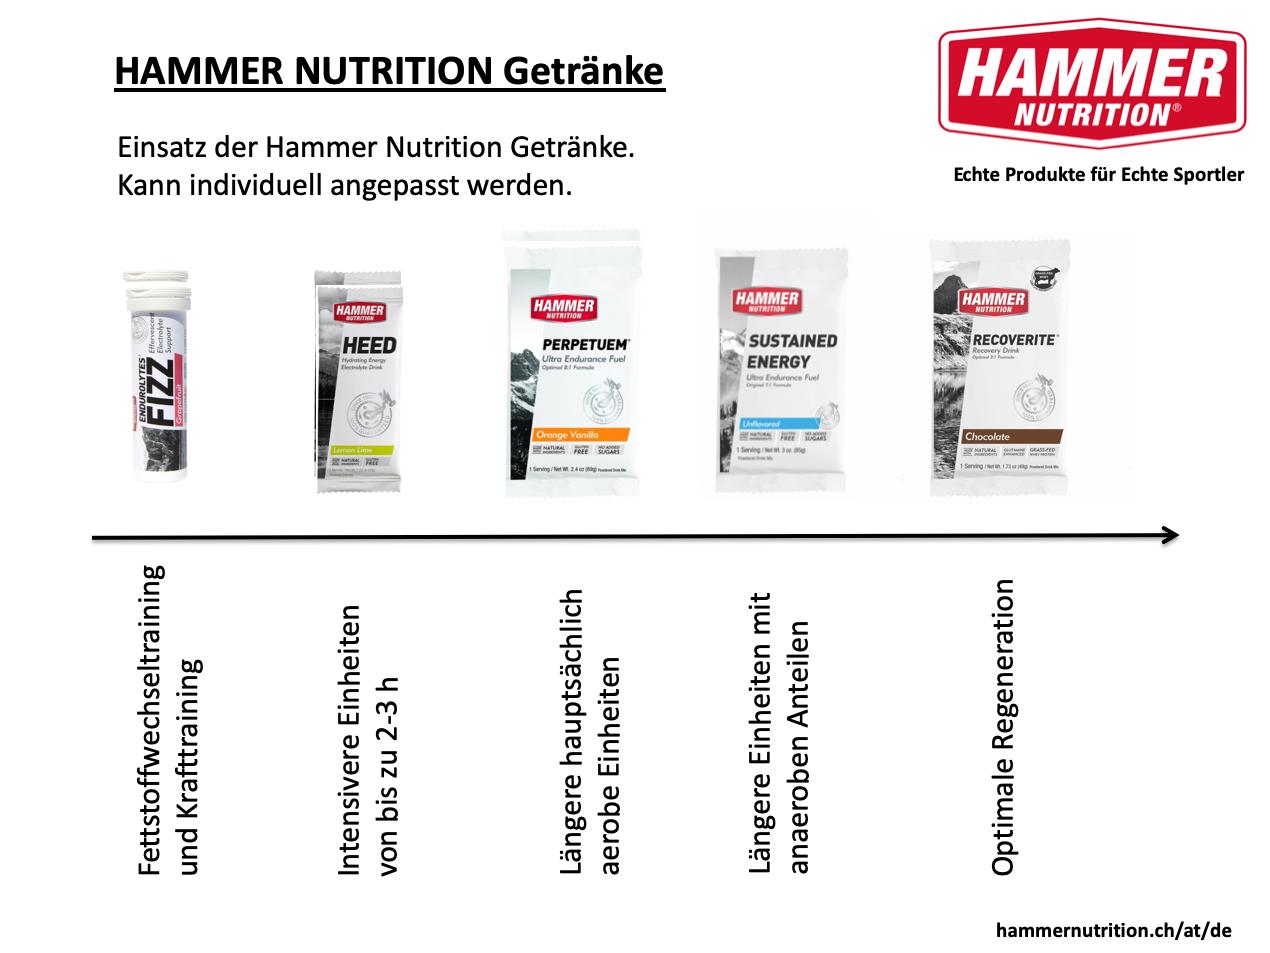 HAMMER NUTRITION GETRÄNKE